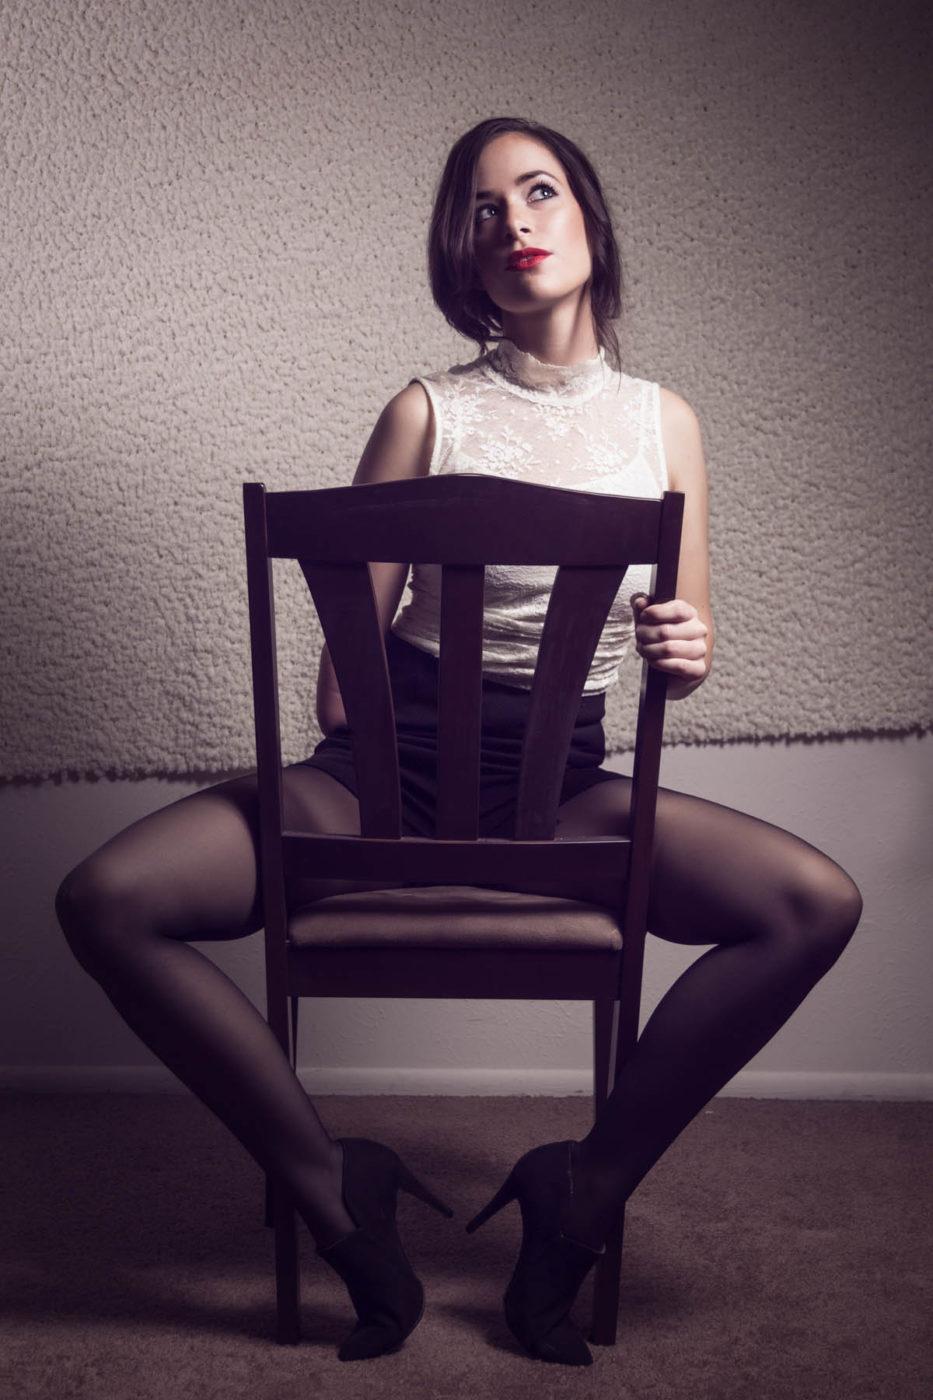 Dziewczyna siedząca na krześle z amputowanym prawym przedramieniem